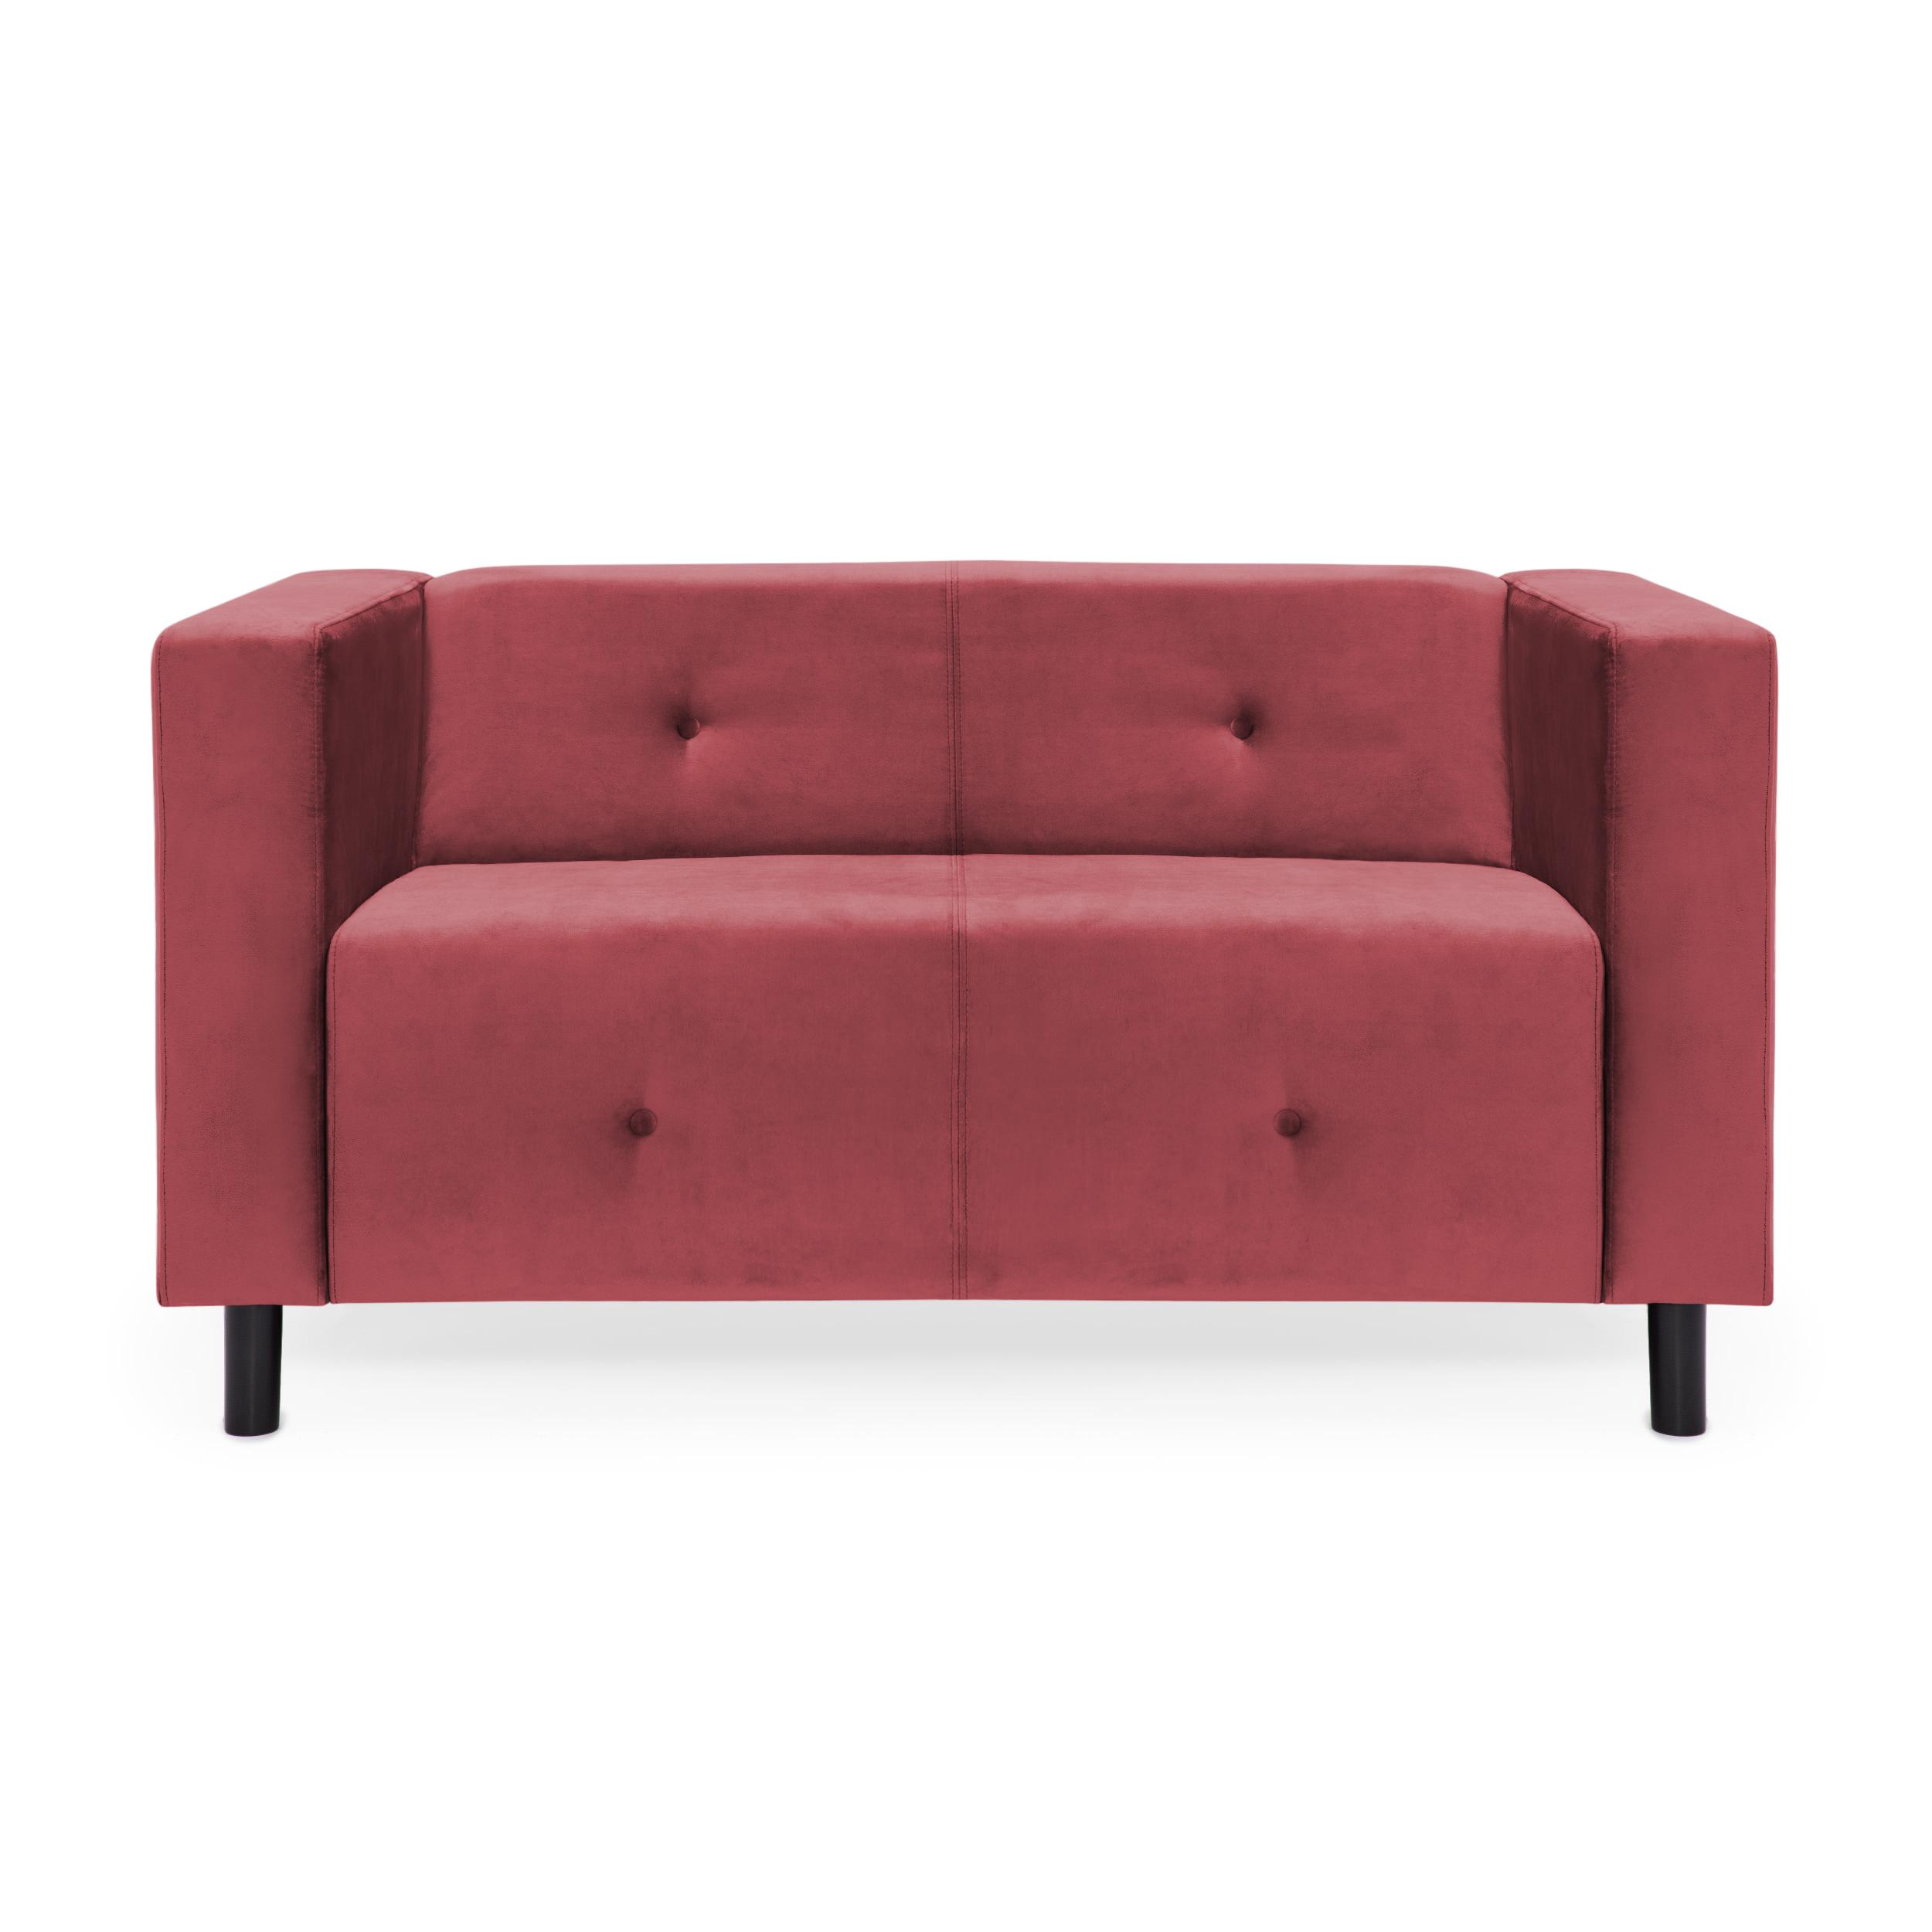 Canapea 2 locuri Milo Rusty Red